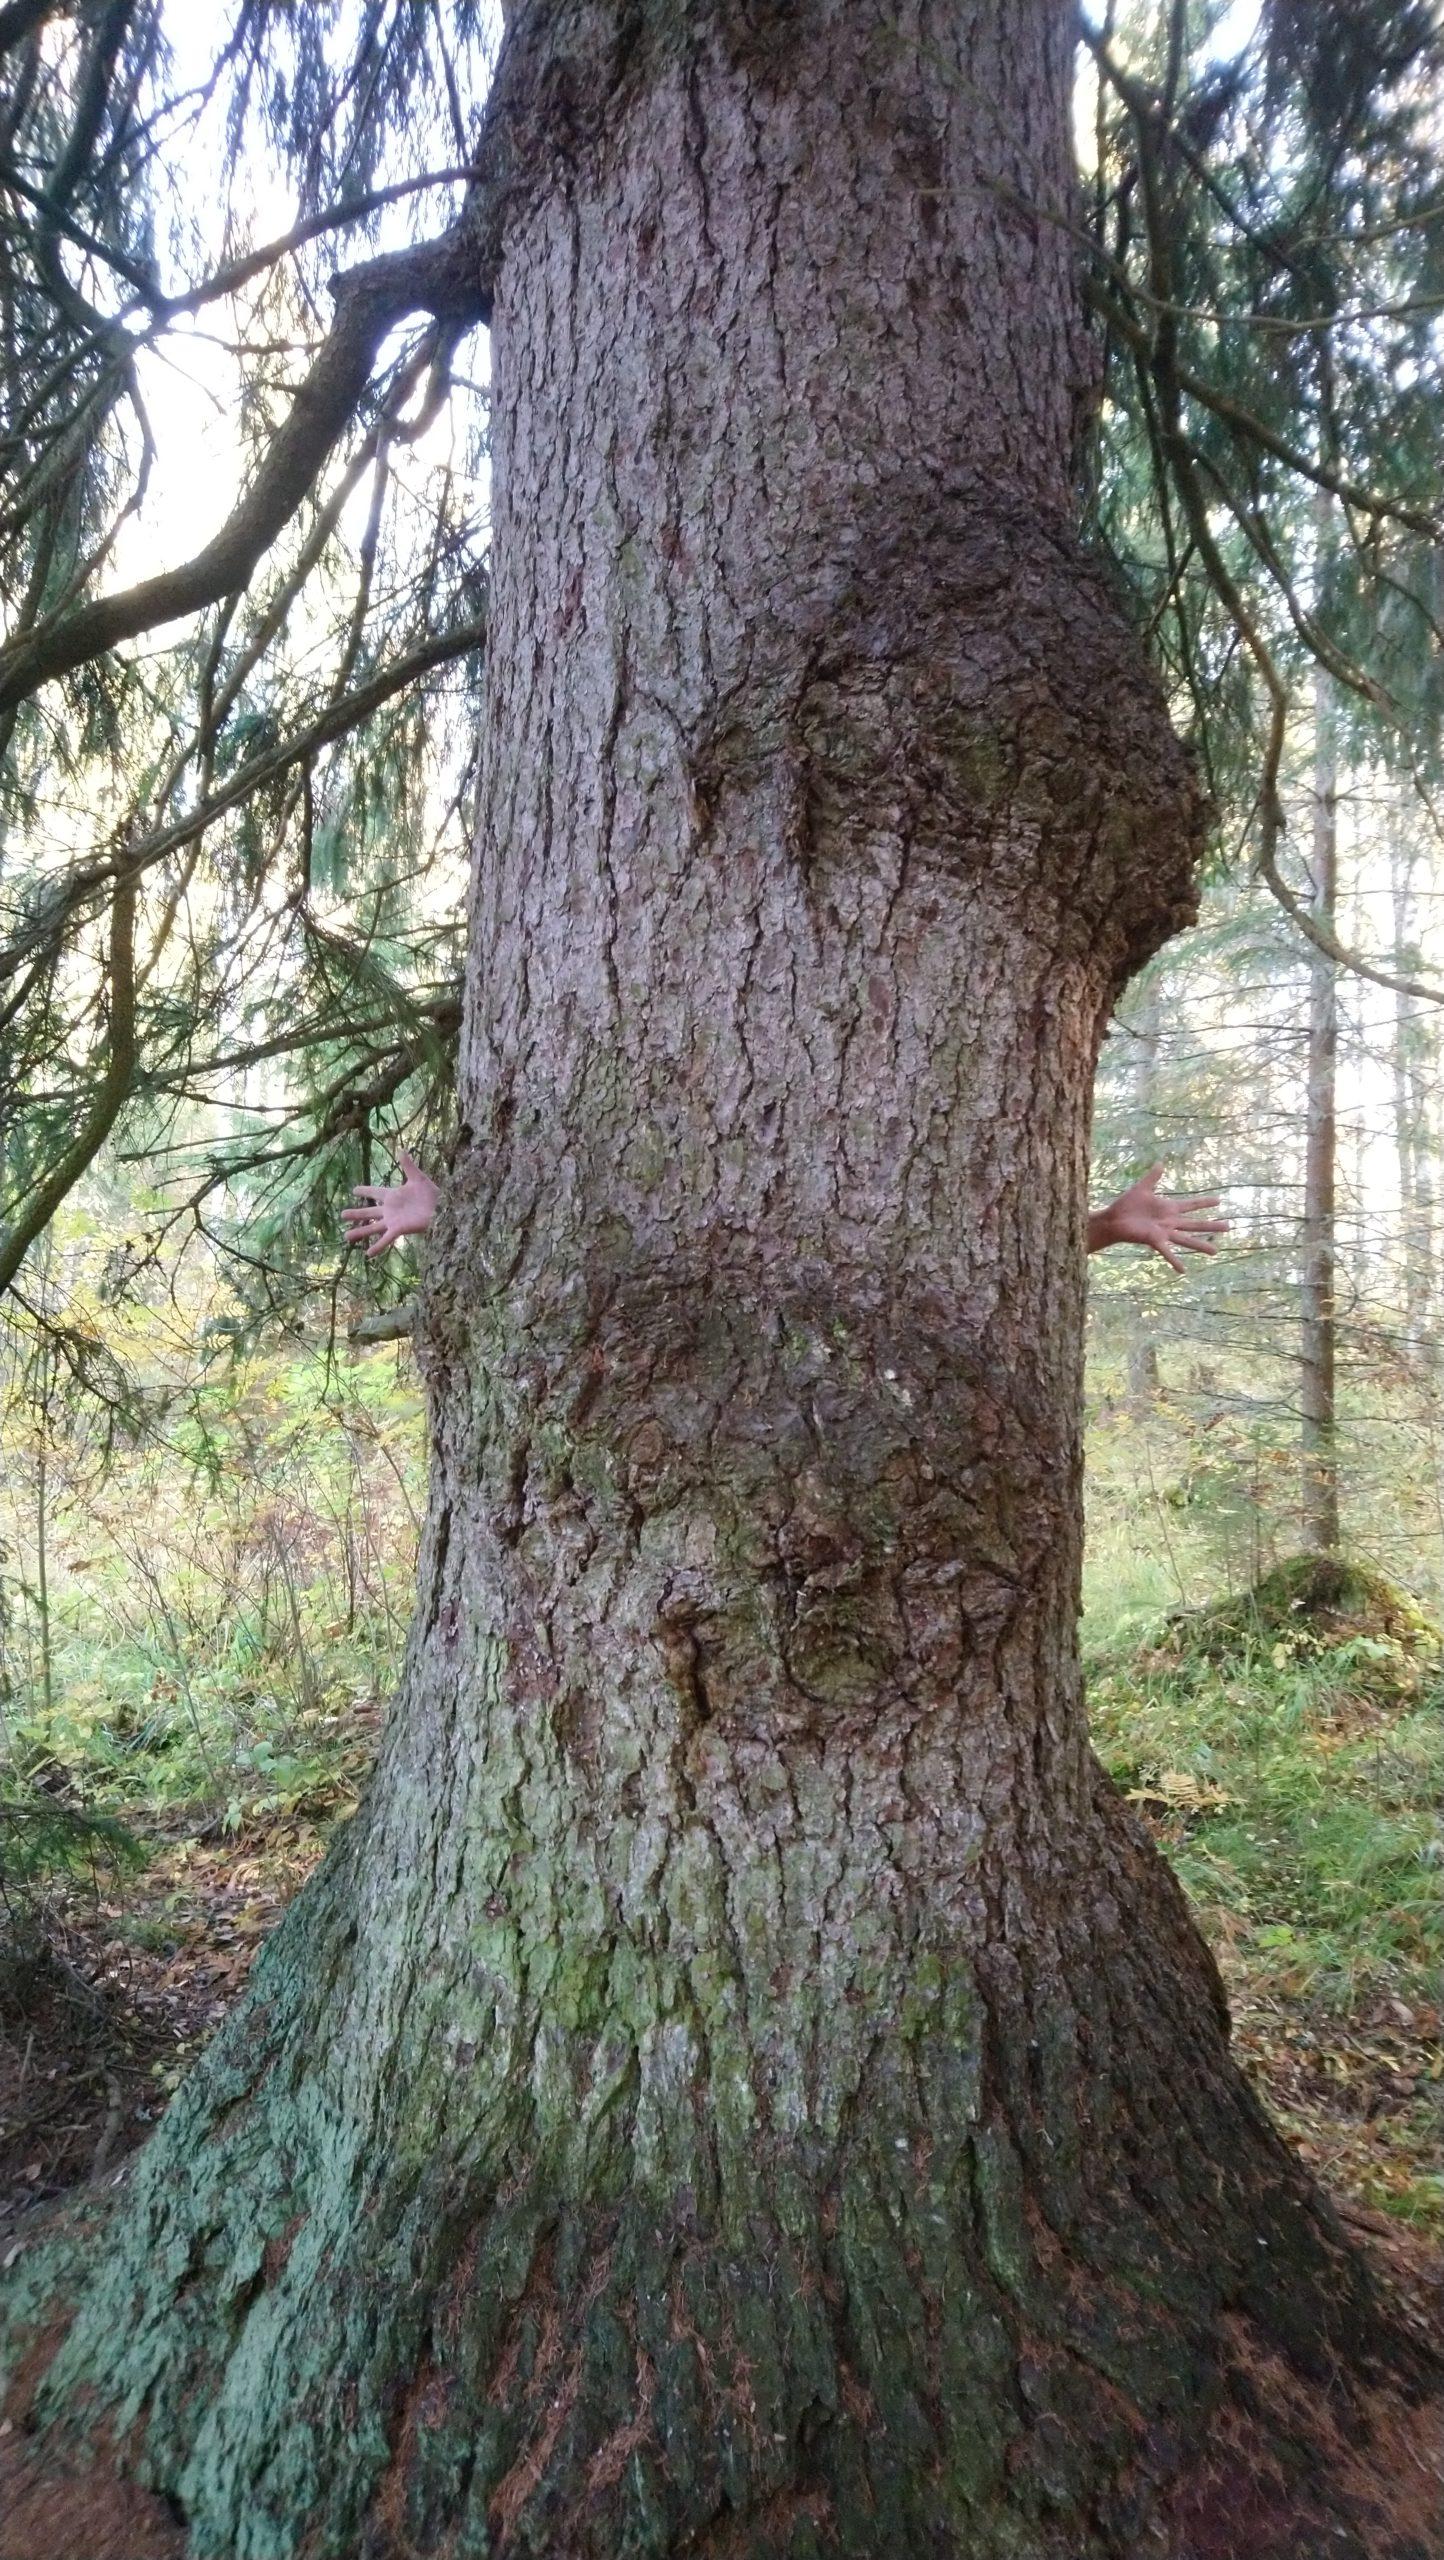 Murtolahdessa kasvaa kuusi jonka kuutio tilavuudeksi on arvioitu yli 5 kiintokuutiometriä.